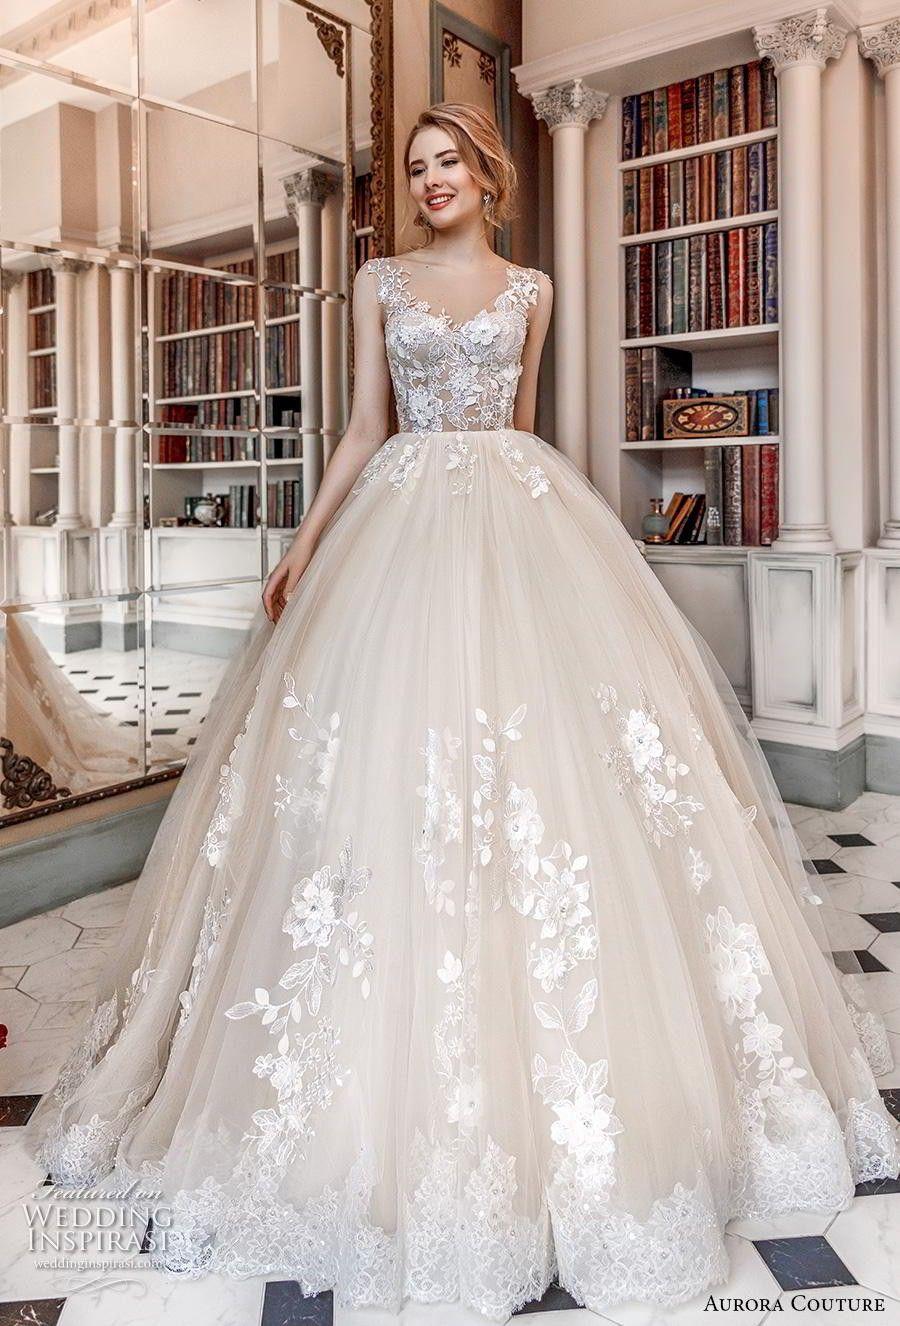 Aurora Couture 18 Brautkleider  Ballkleid hochzeit, Cinderella